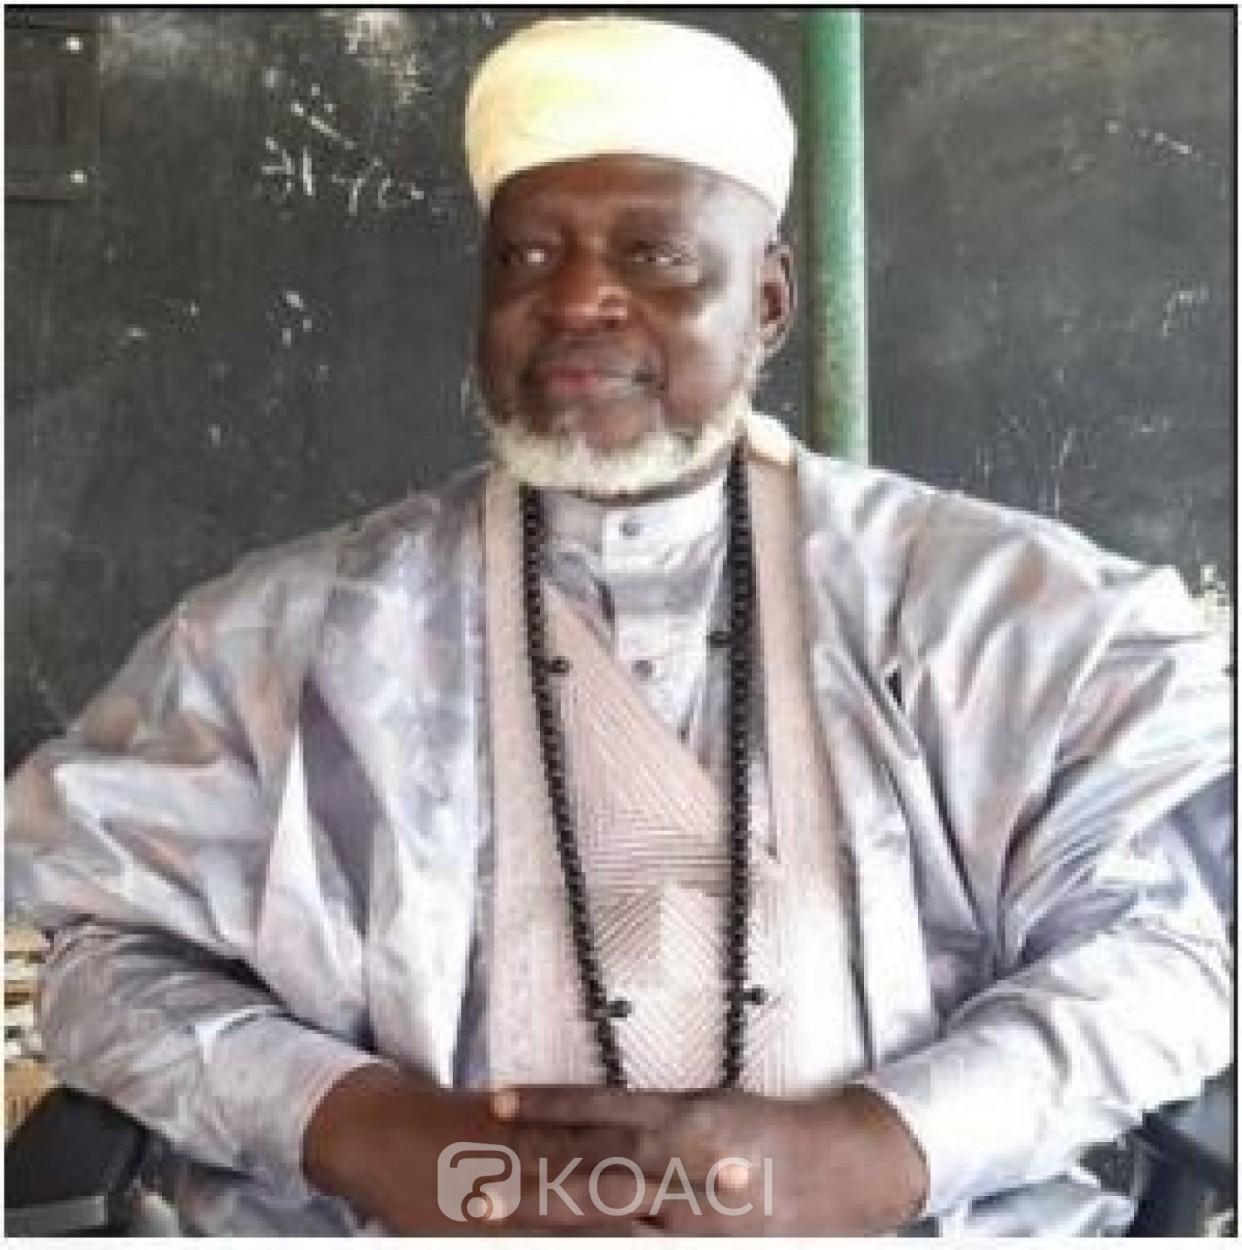 Côte d'Ivoire : Le guide religieux malien, Cheick Wagué rend hommage au pays dont les potentialités hospitalières n'ont jamais été démenties